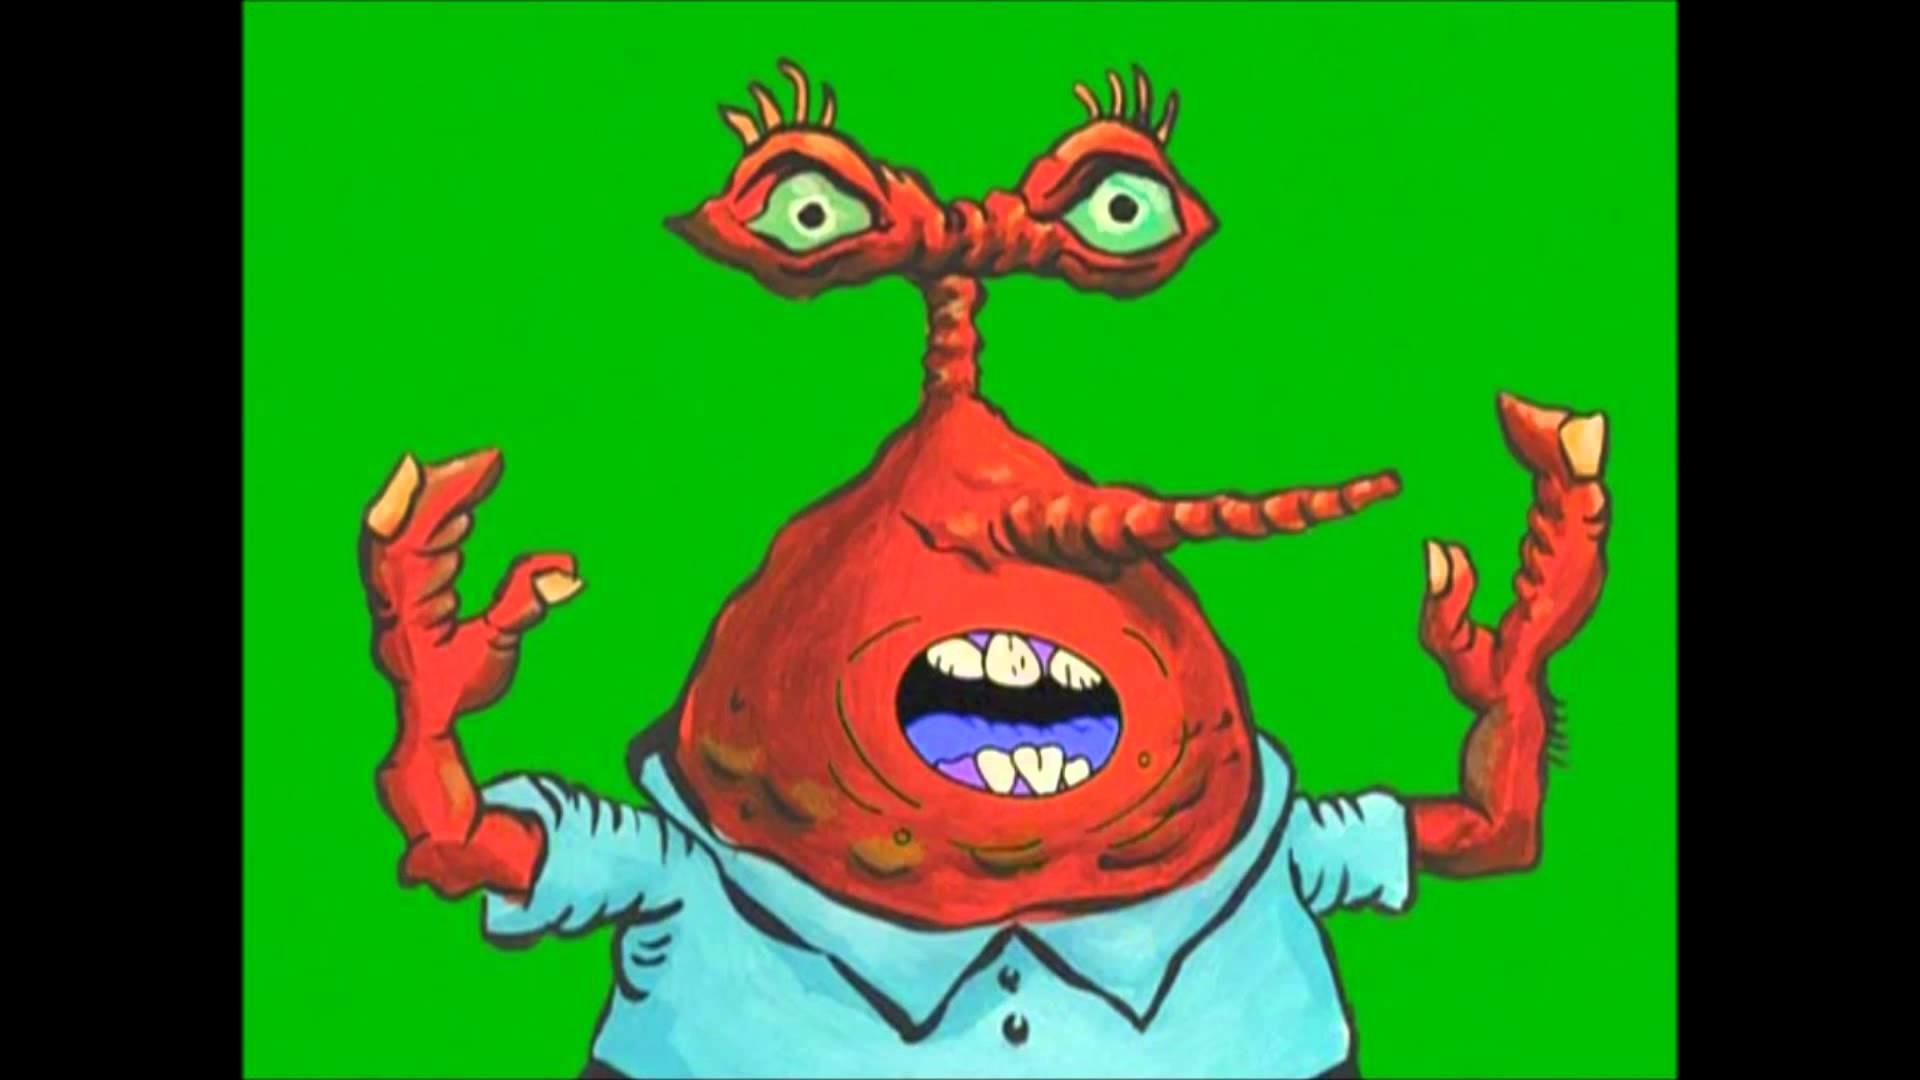 Spongebob Mr Krabs Pizza